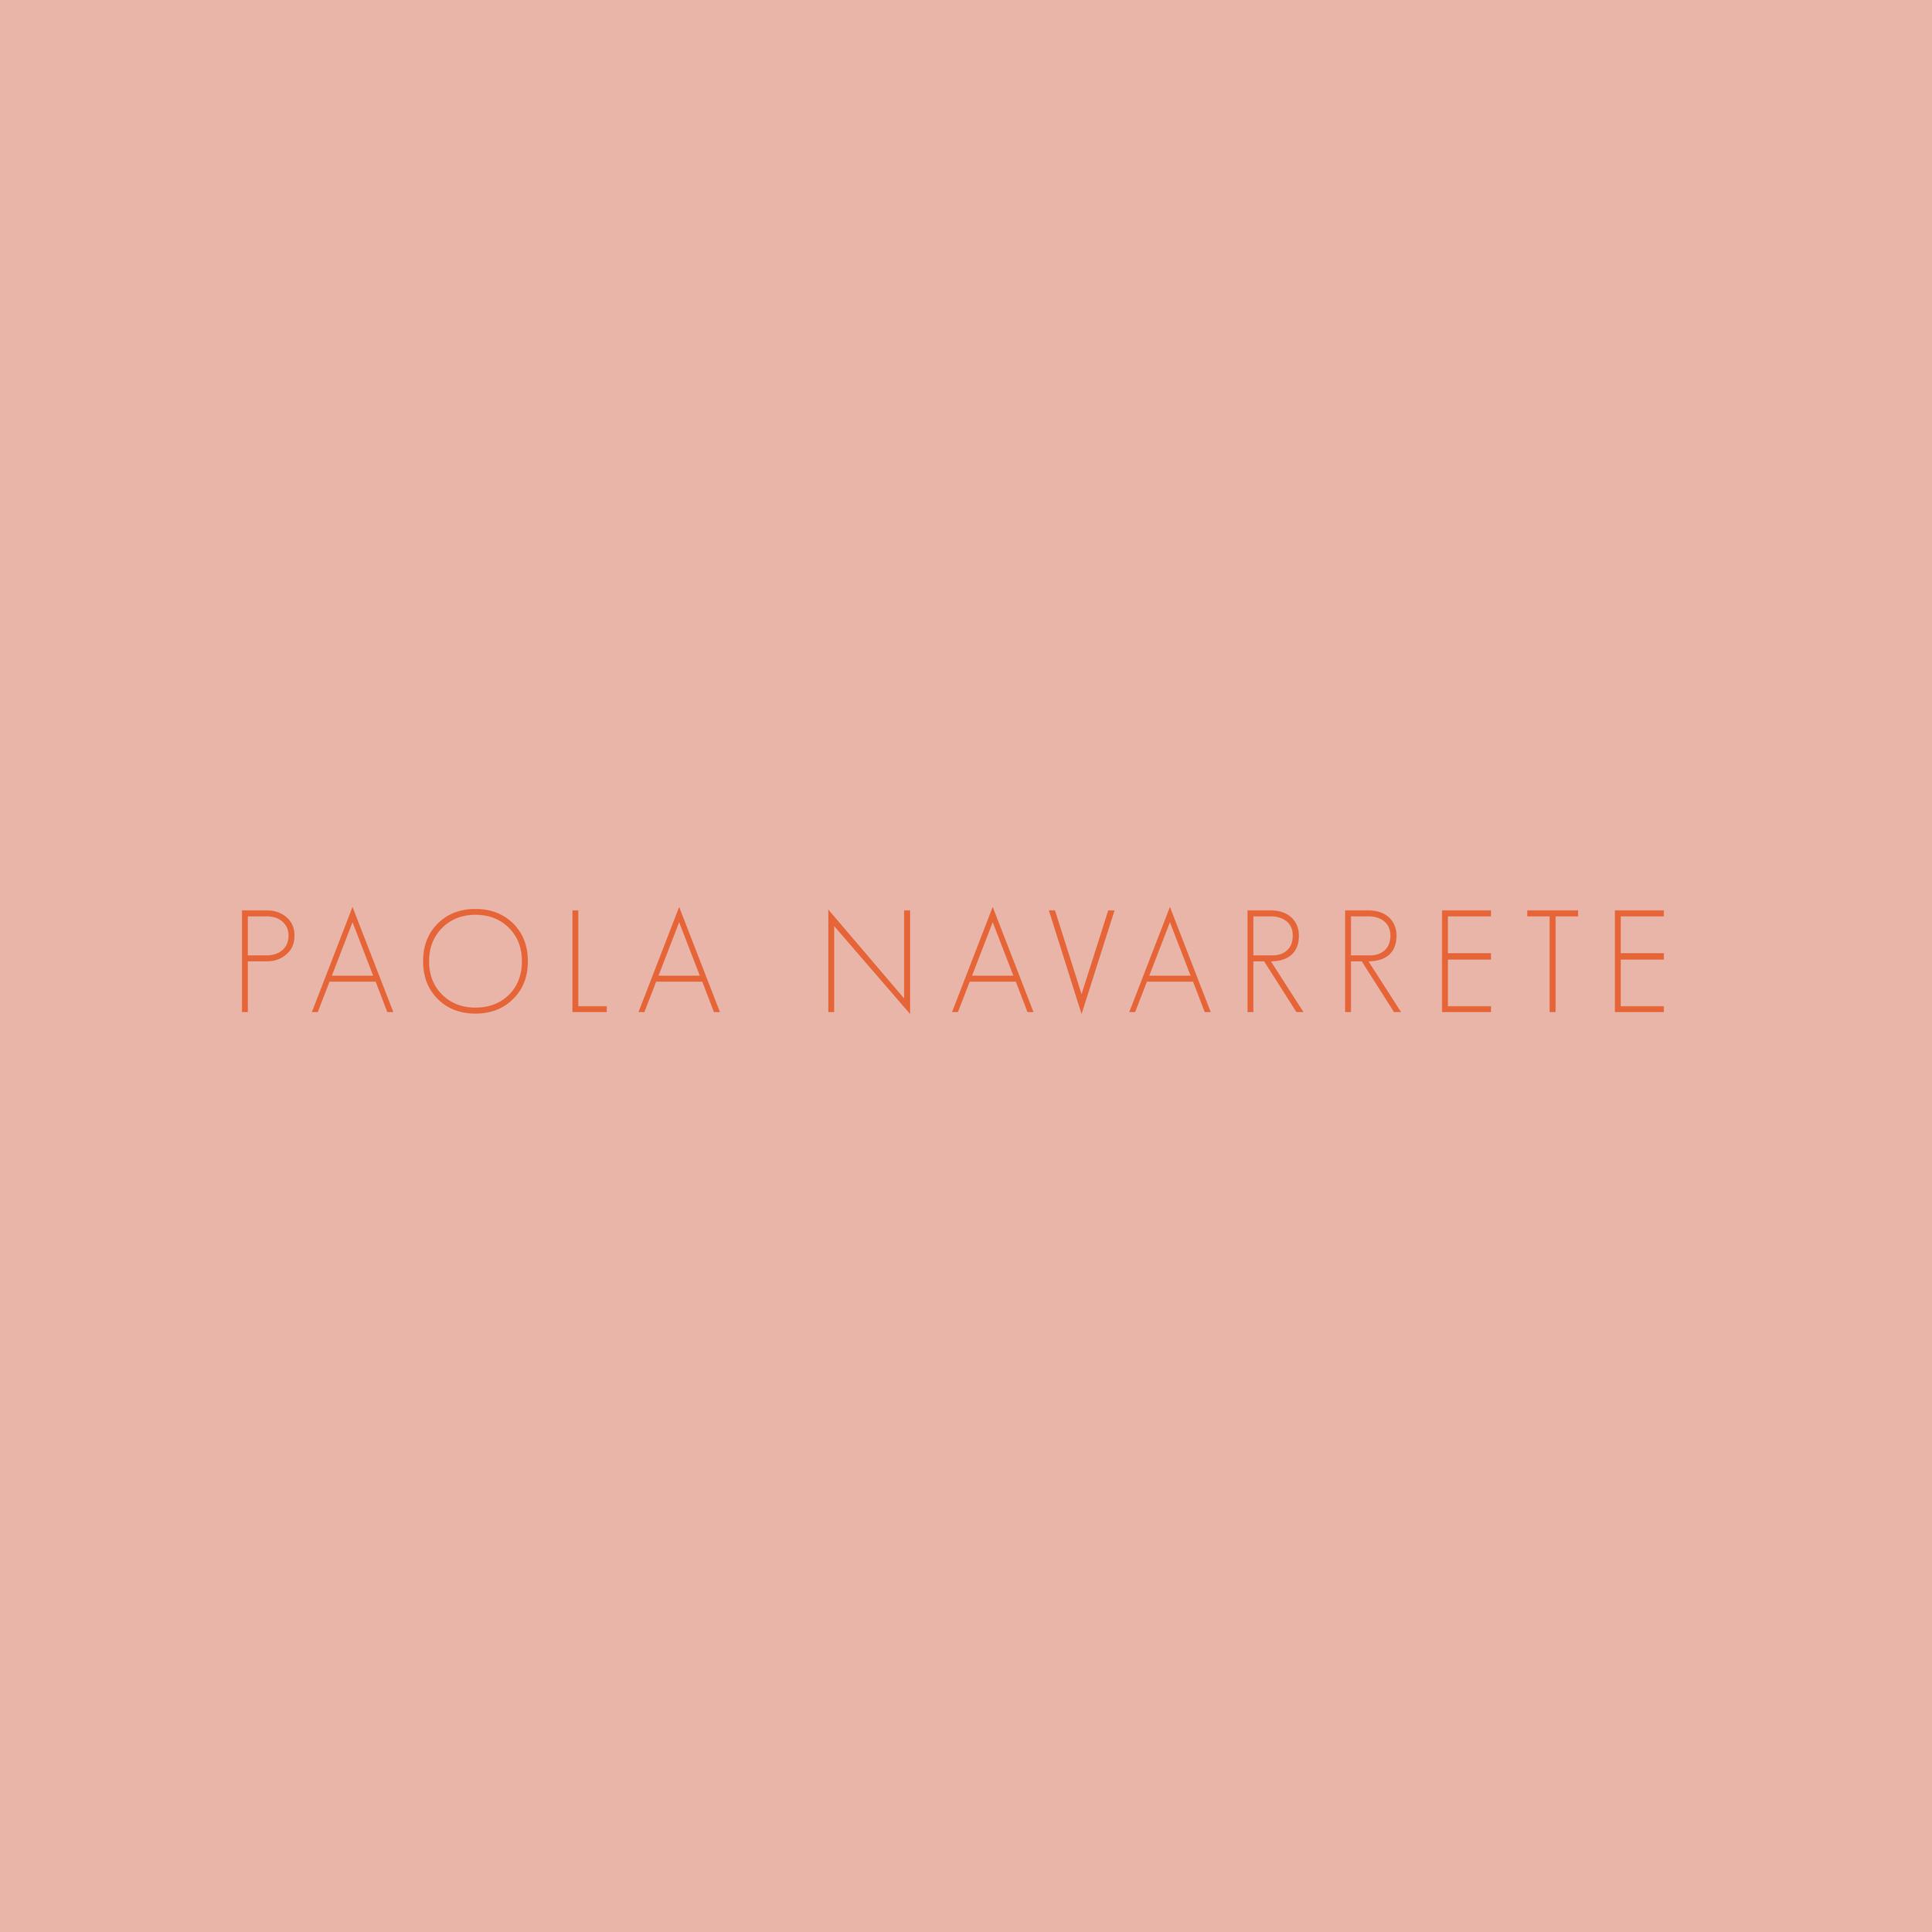 Paola-Navarrete-01.png